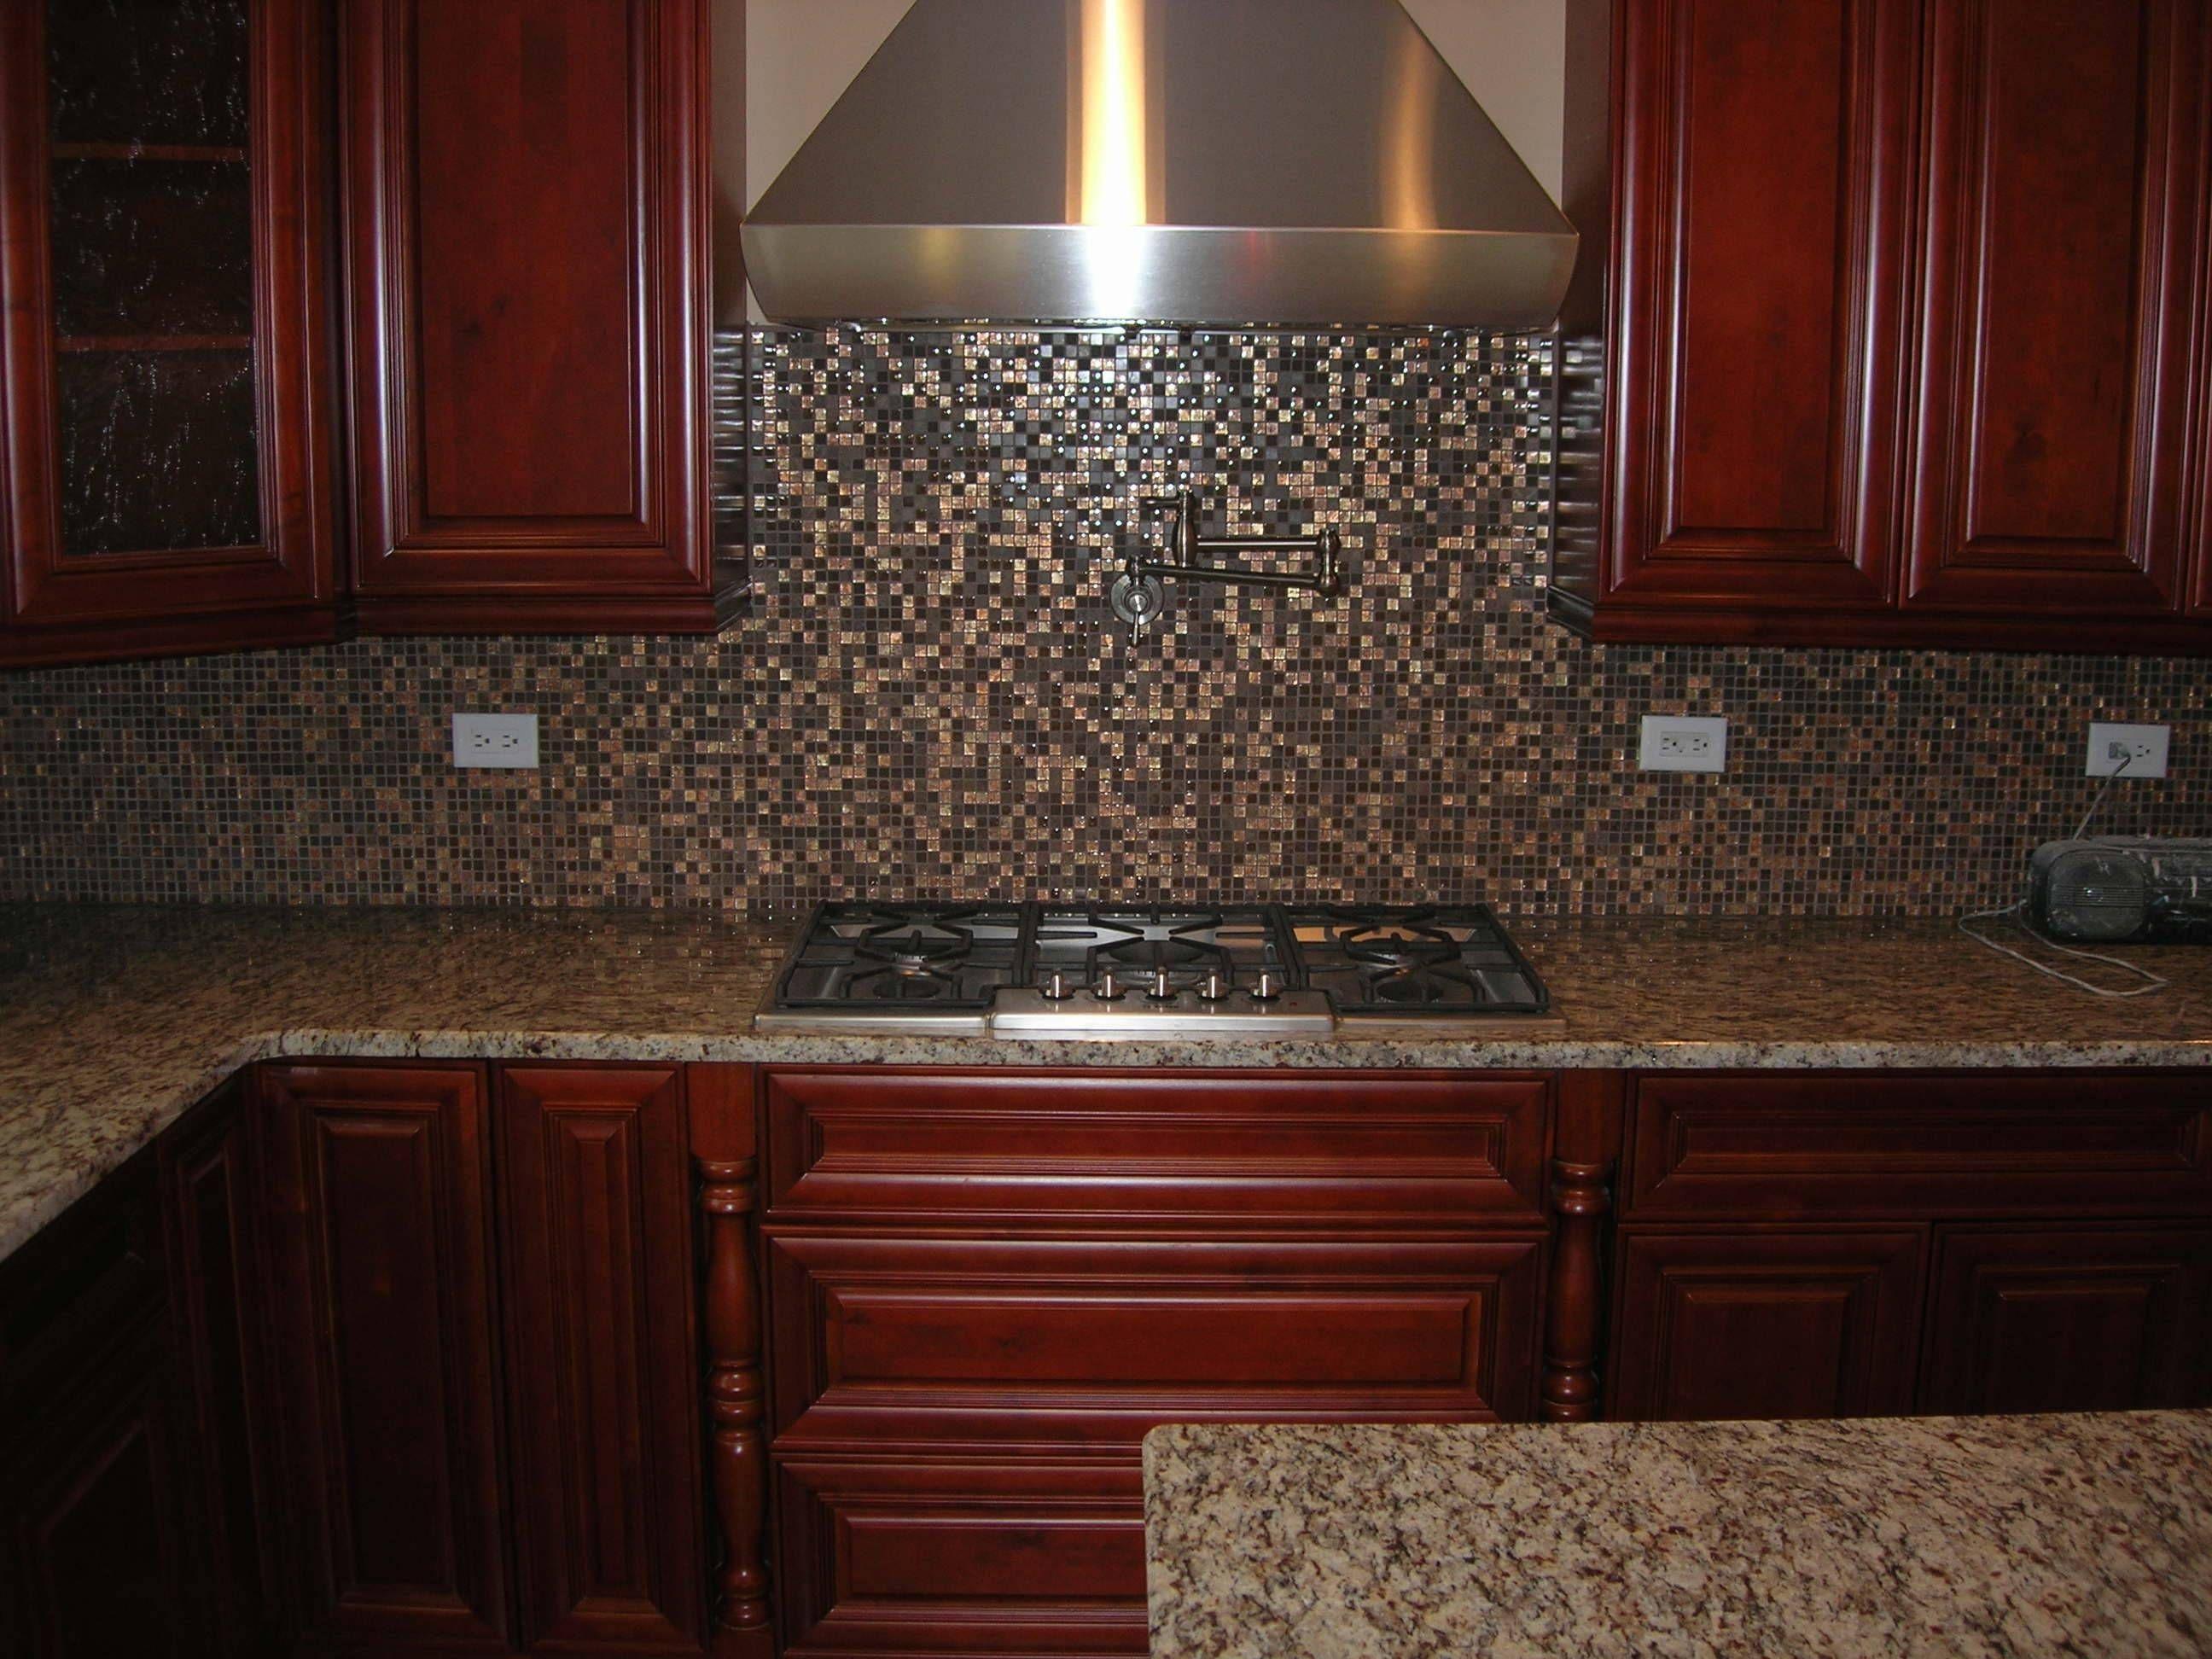 Download Wallpaper Best Stone For Kitchen Platform